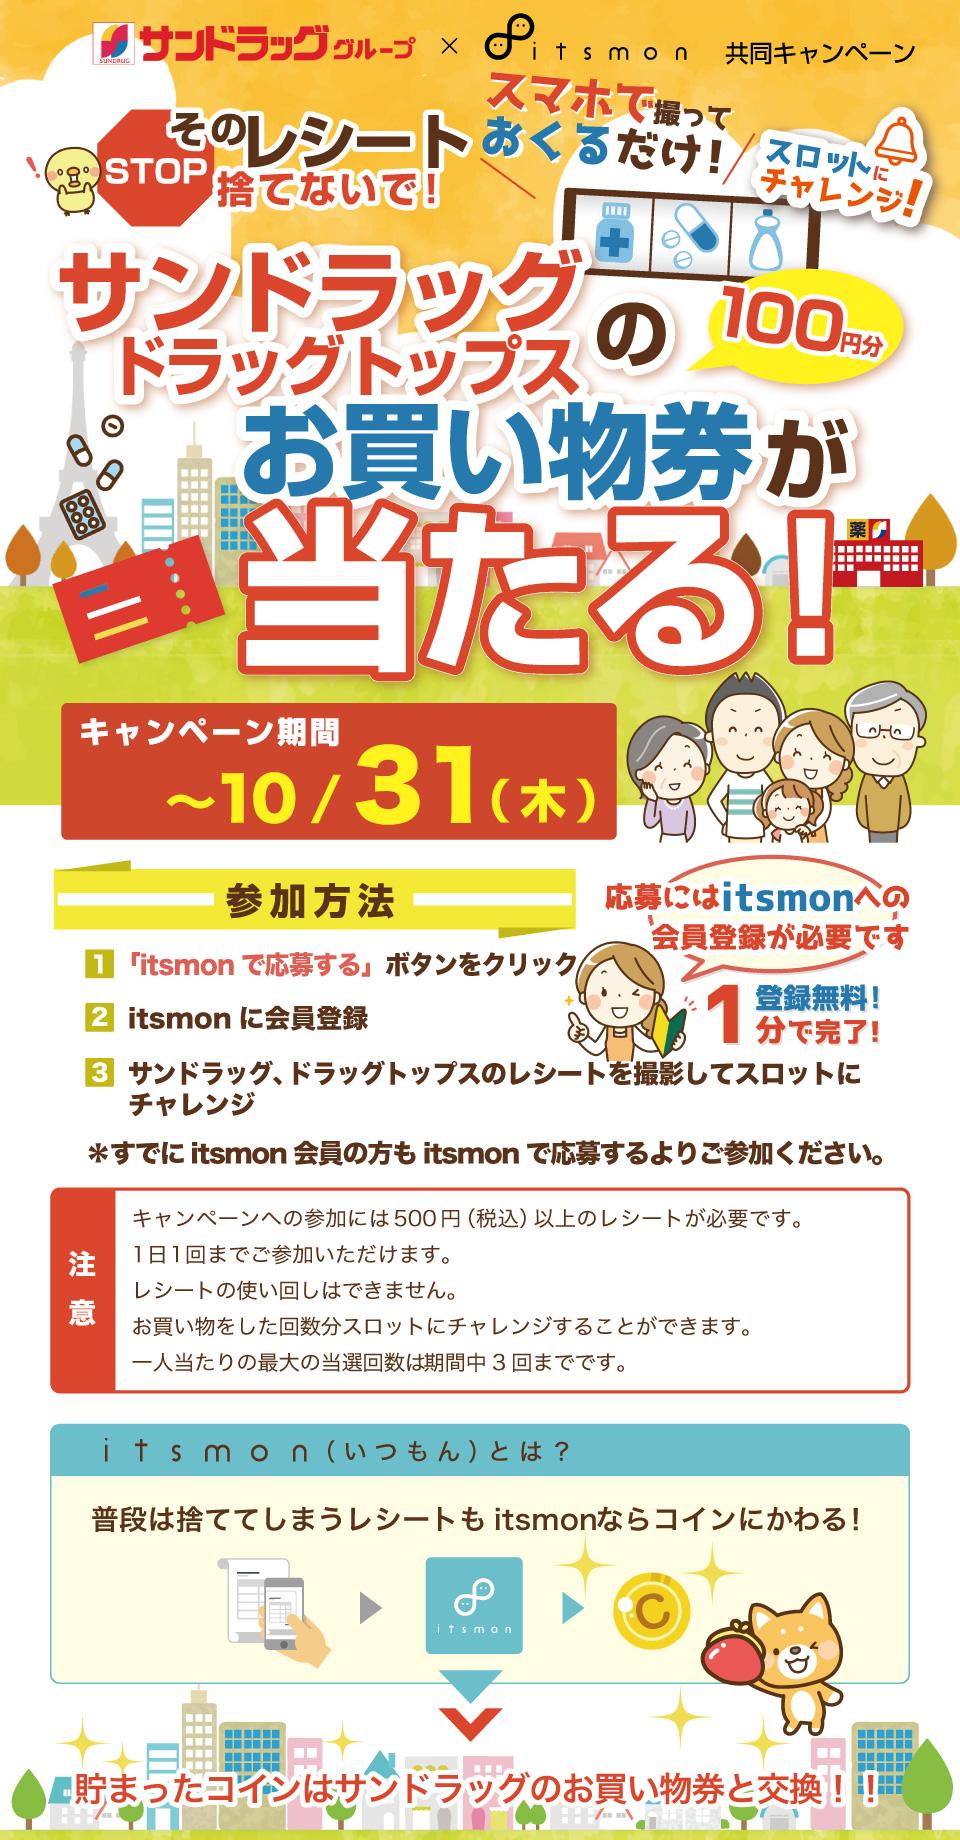 第2弾【サンドラッグ×itsmon共同企画】レシートを撮ってチャンレンジ!サンドラッグお買い物券をプレゼントキャンペーン